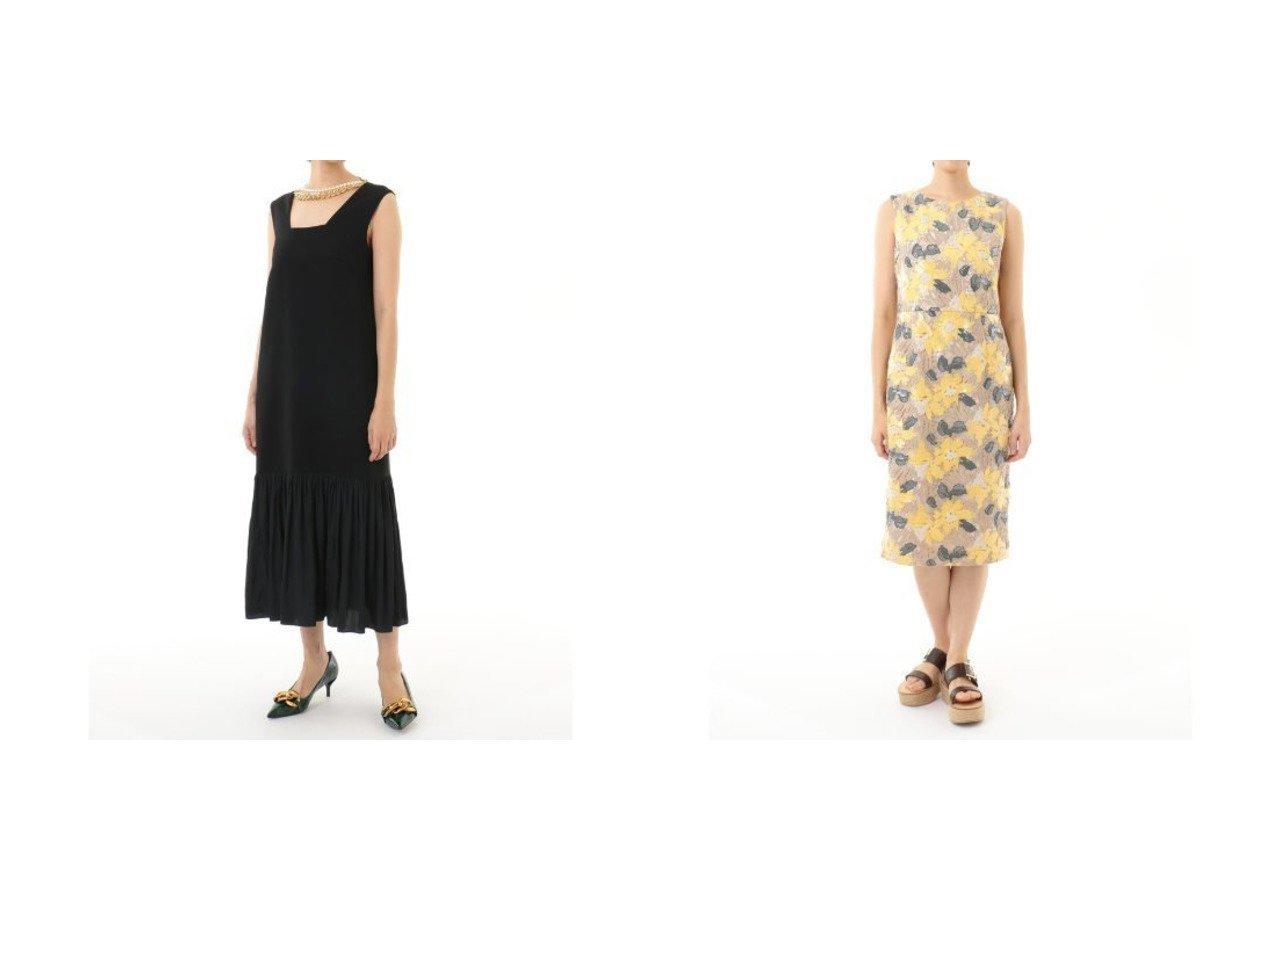 【GRACE CONTINENTAL/グレース コンチネンタル】のネックレス付ティアードドレス&フラワースパンケミカルドレス グレース コンチネンタルのおすすめ!人気、トレンド・レディースファッションの通販 おすすめで人気の流行・トレンド、ファッションの通販商品 メンズファッション・キッズファッション・インテリア・家具・レディースファッション・服の通販 founy(ファニー) https://founy.com/ ファッション Fashion レディースファッション WOMEN ワンピース Dress ドレス Party Dresses ジュエリー Jewelry ネックレス Necklaces ケミカル コンシャス スパンコール ドレス フォーマル レース ギャザー シンプル チェーン ティアード ネックレス パール リボン ロング |ID:crp329100000022034